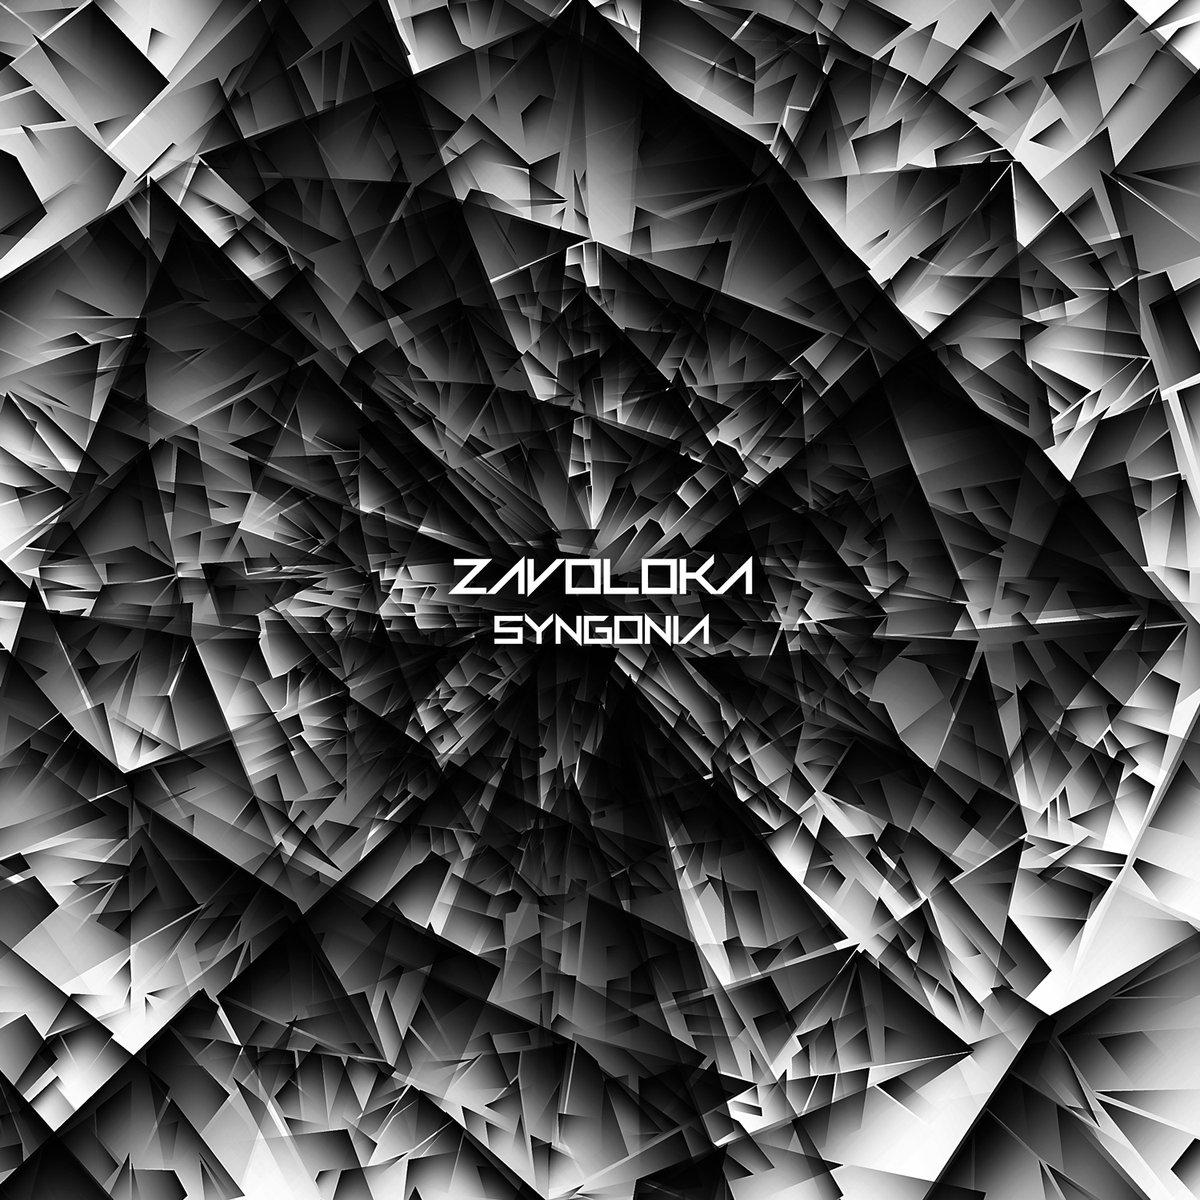 ZAVOLOKA — Syngonia